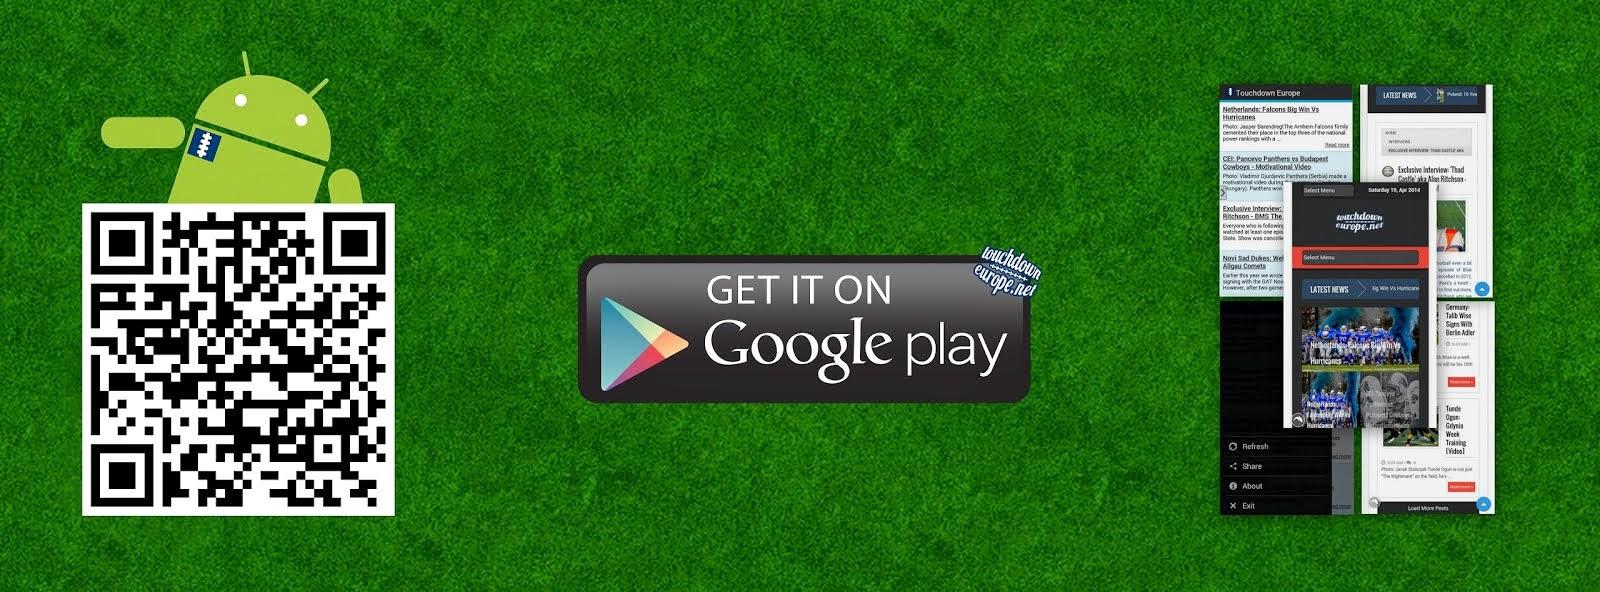 TDEU Android App